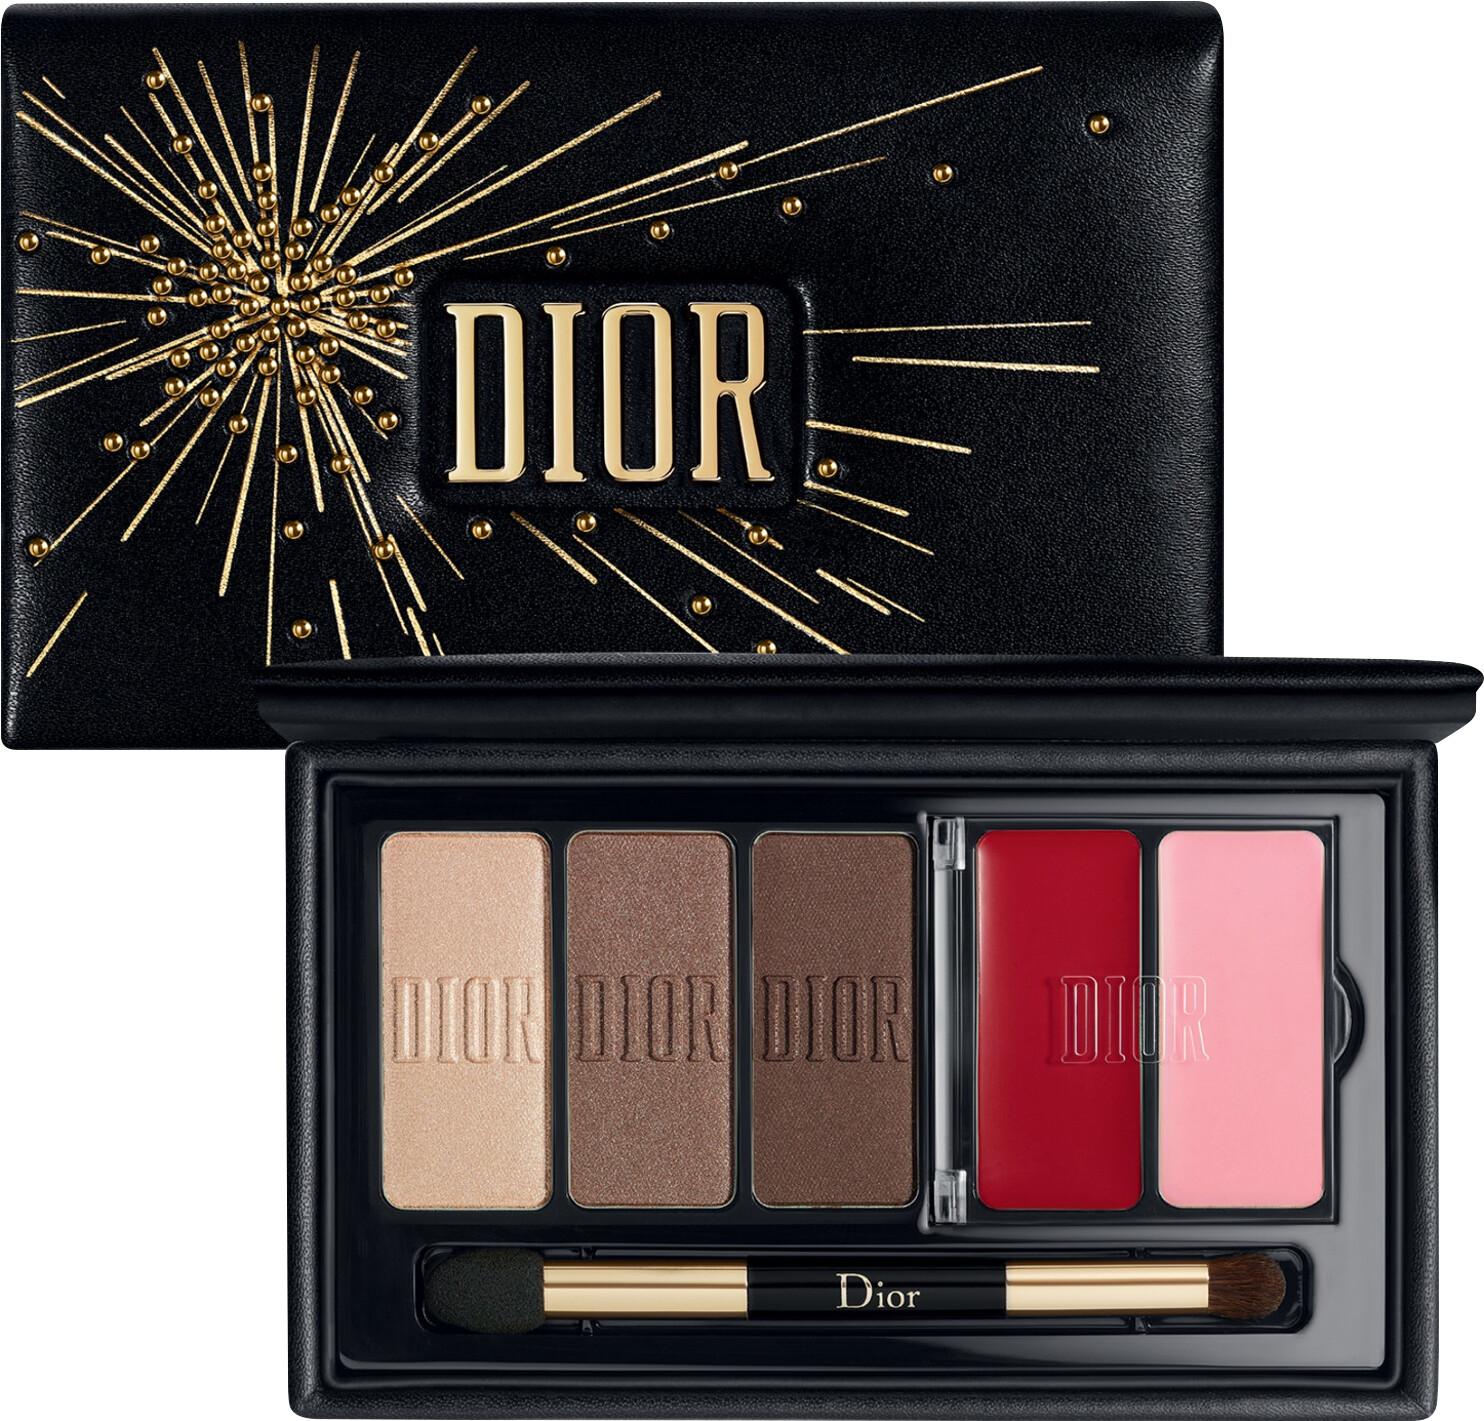 DIOR Satin Eyes & Lips Essentials Sparkling Couture Palette 9.05g